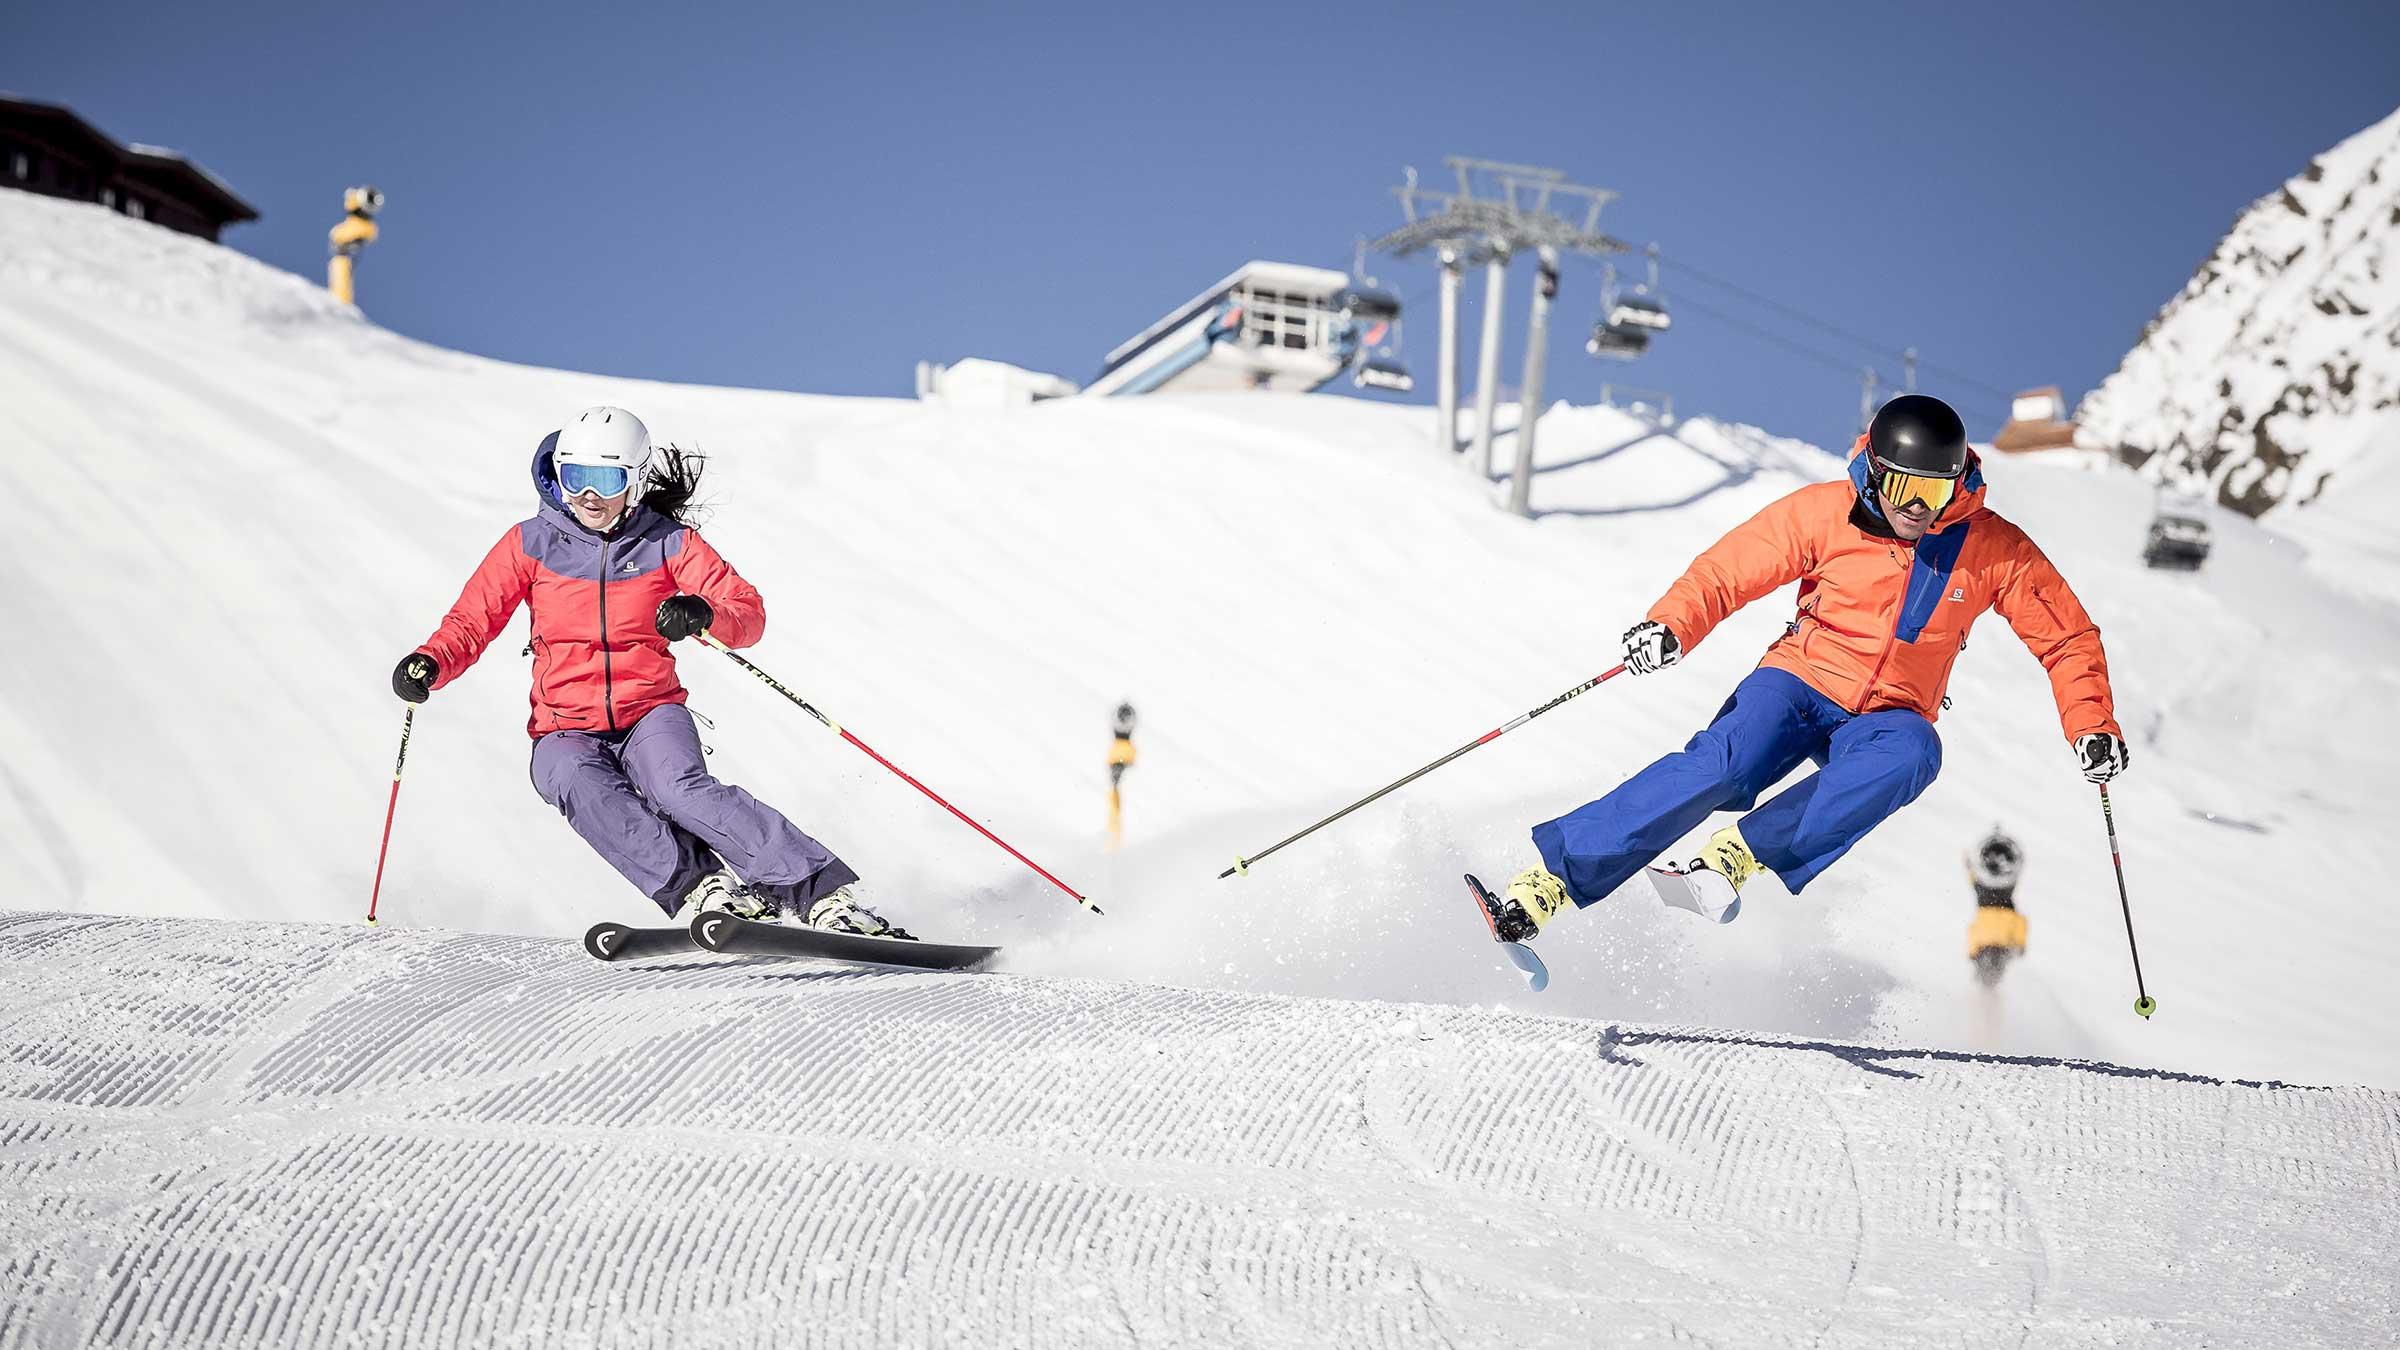 Zwei Skifahrer auf den Pisten in Sölden - EMF Pre-Silvester Party Sölden